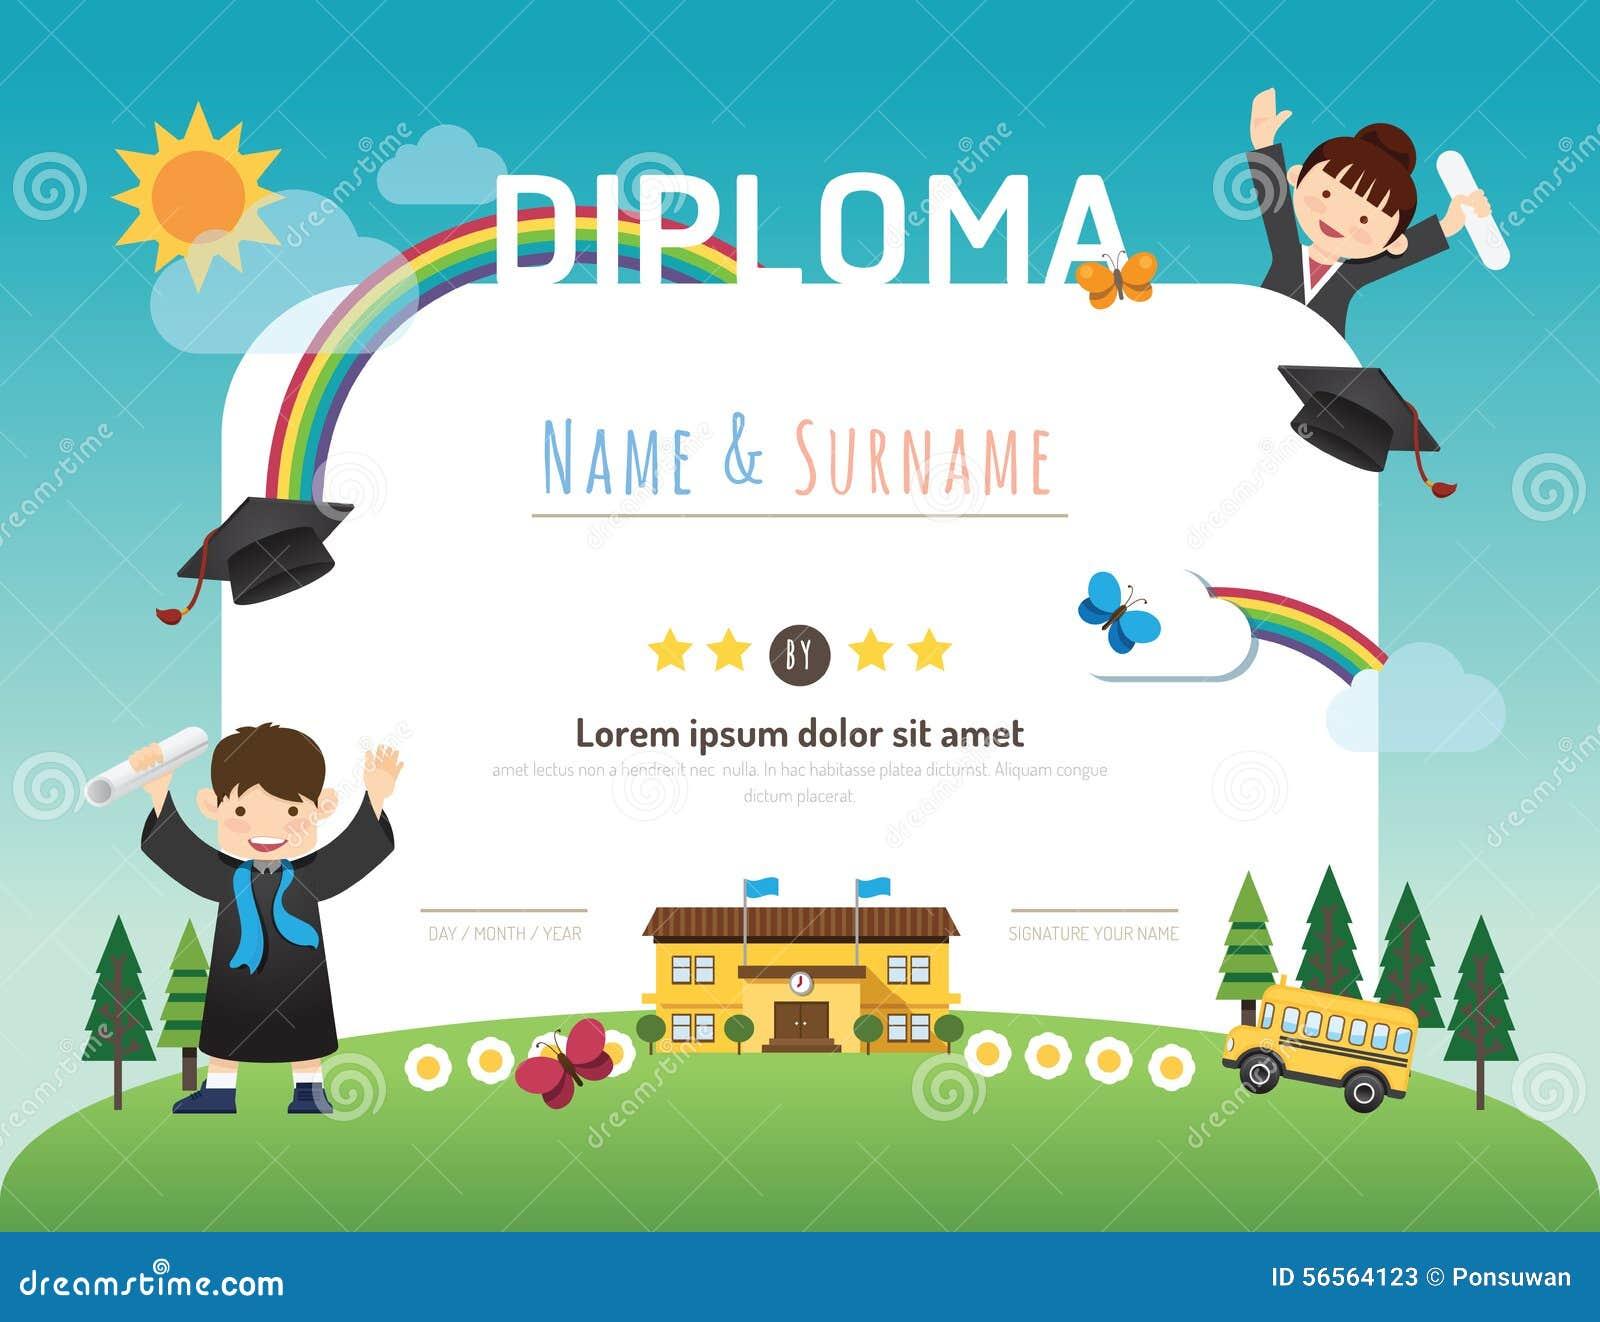 Certificate o diploma das crianças, backgroun da disposição do molde do jardim de infância